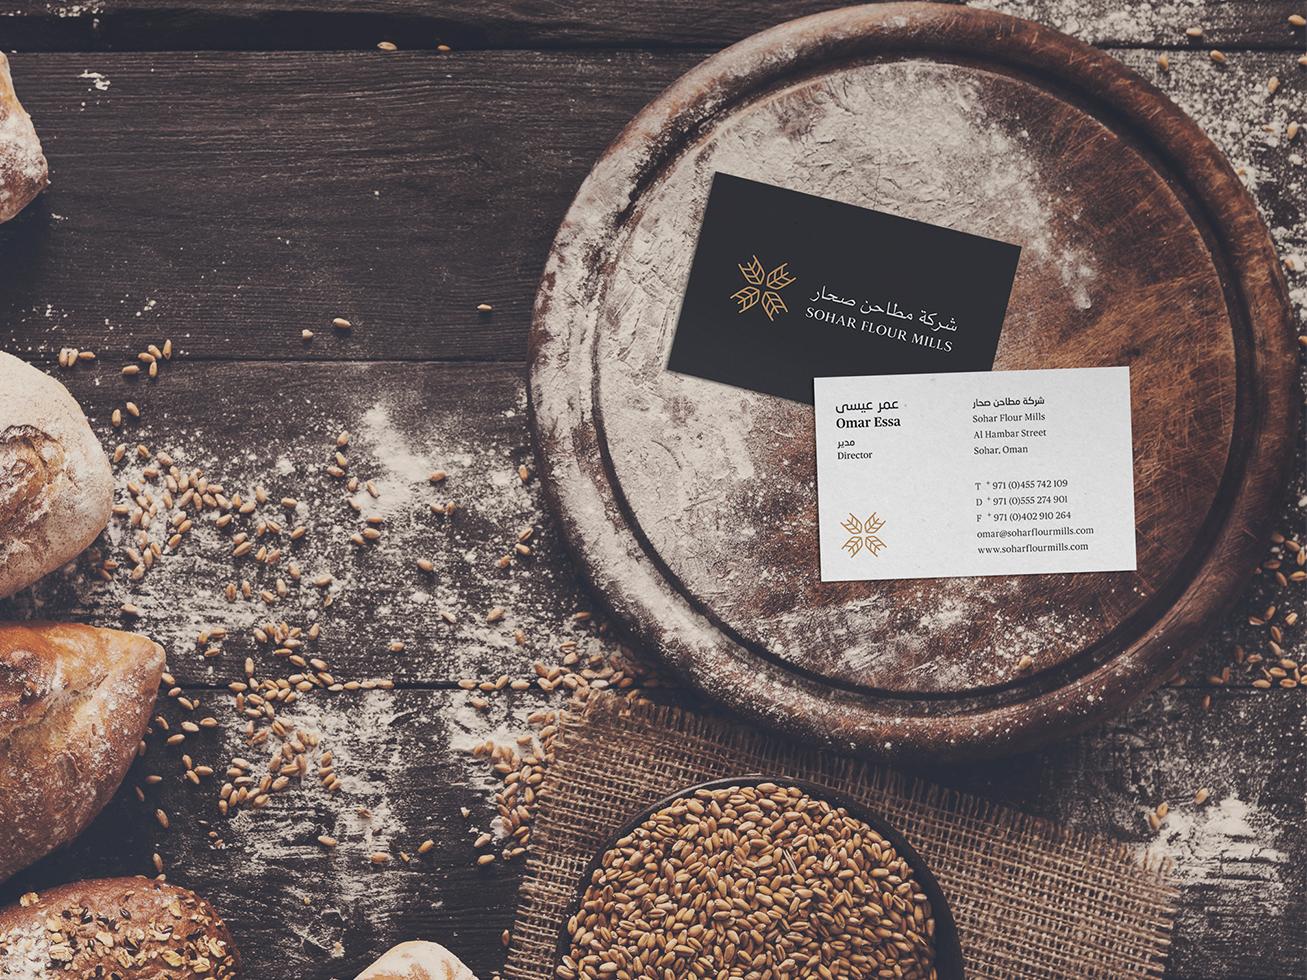 SOHAR_IMAGES_JWI_WEBSITE_BUSINESS-CARD